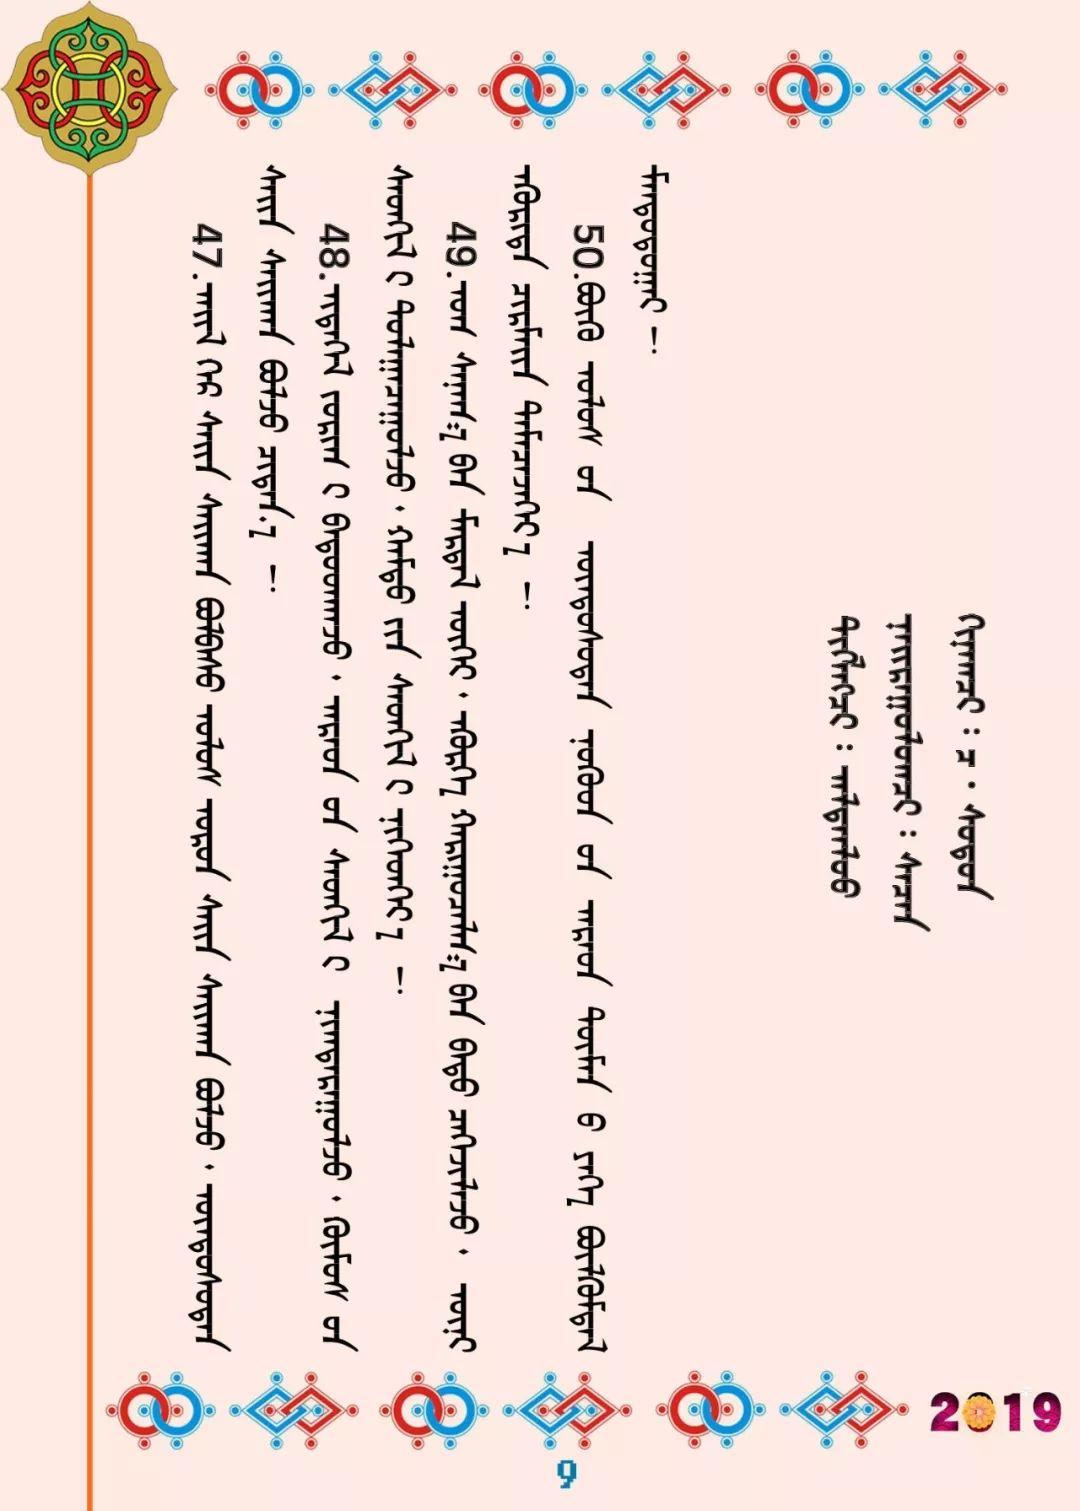 【蒙古文】阿拉善盟民族团结进步宣传标语(蒙汉双语) 第9张 【蒙古文】阿拉善盟民族团结进步宣传标语(蒙汉双语) 蒙古文库